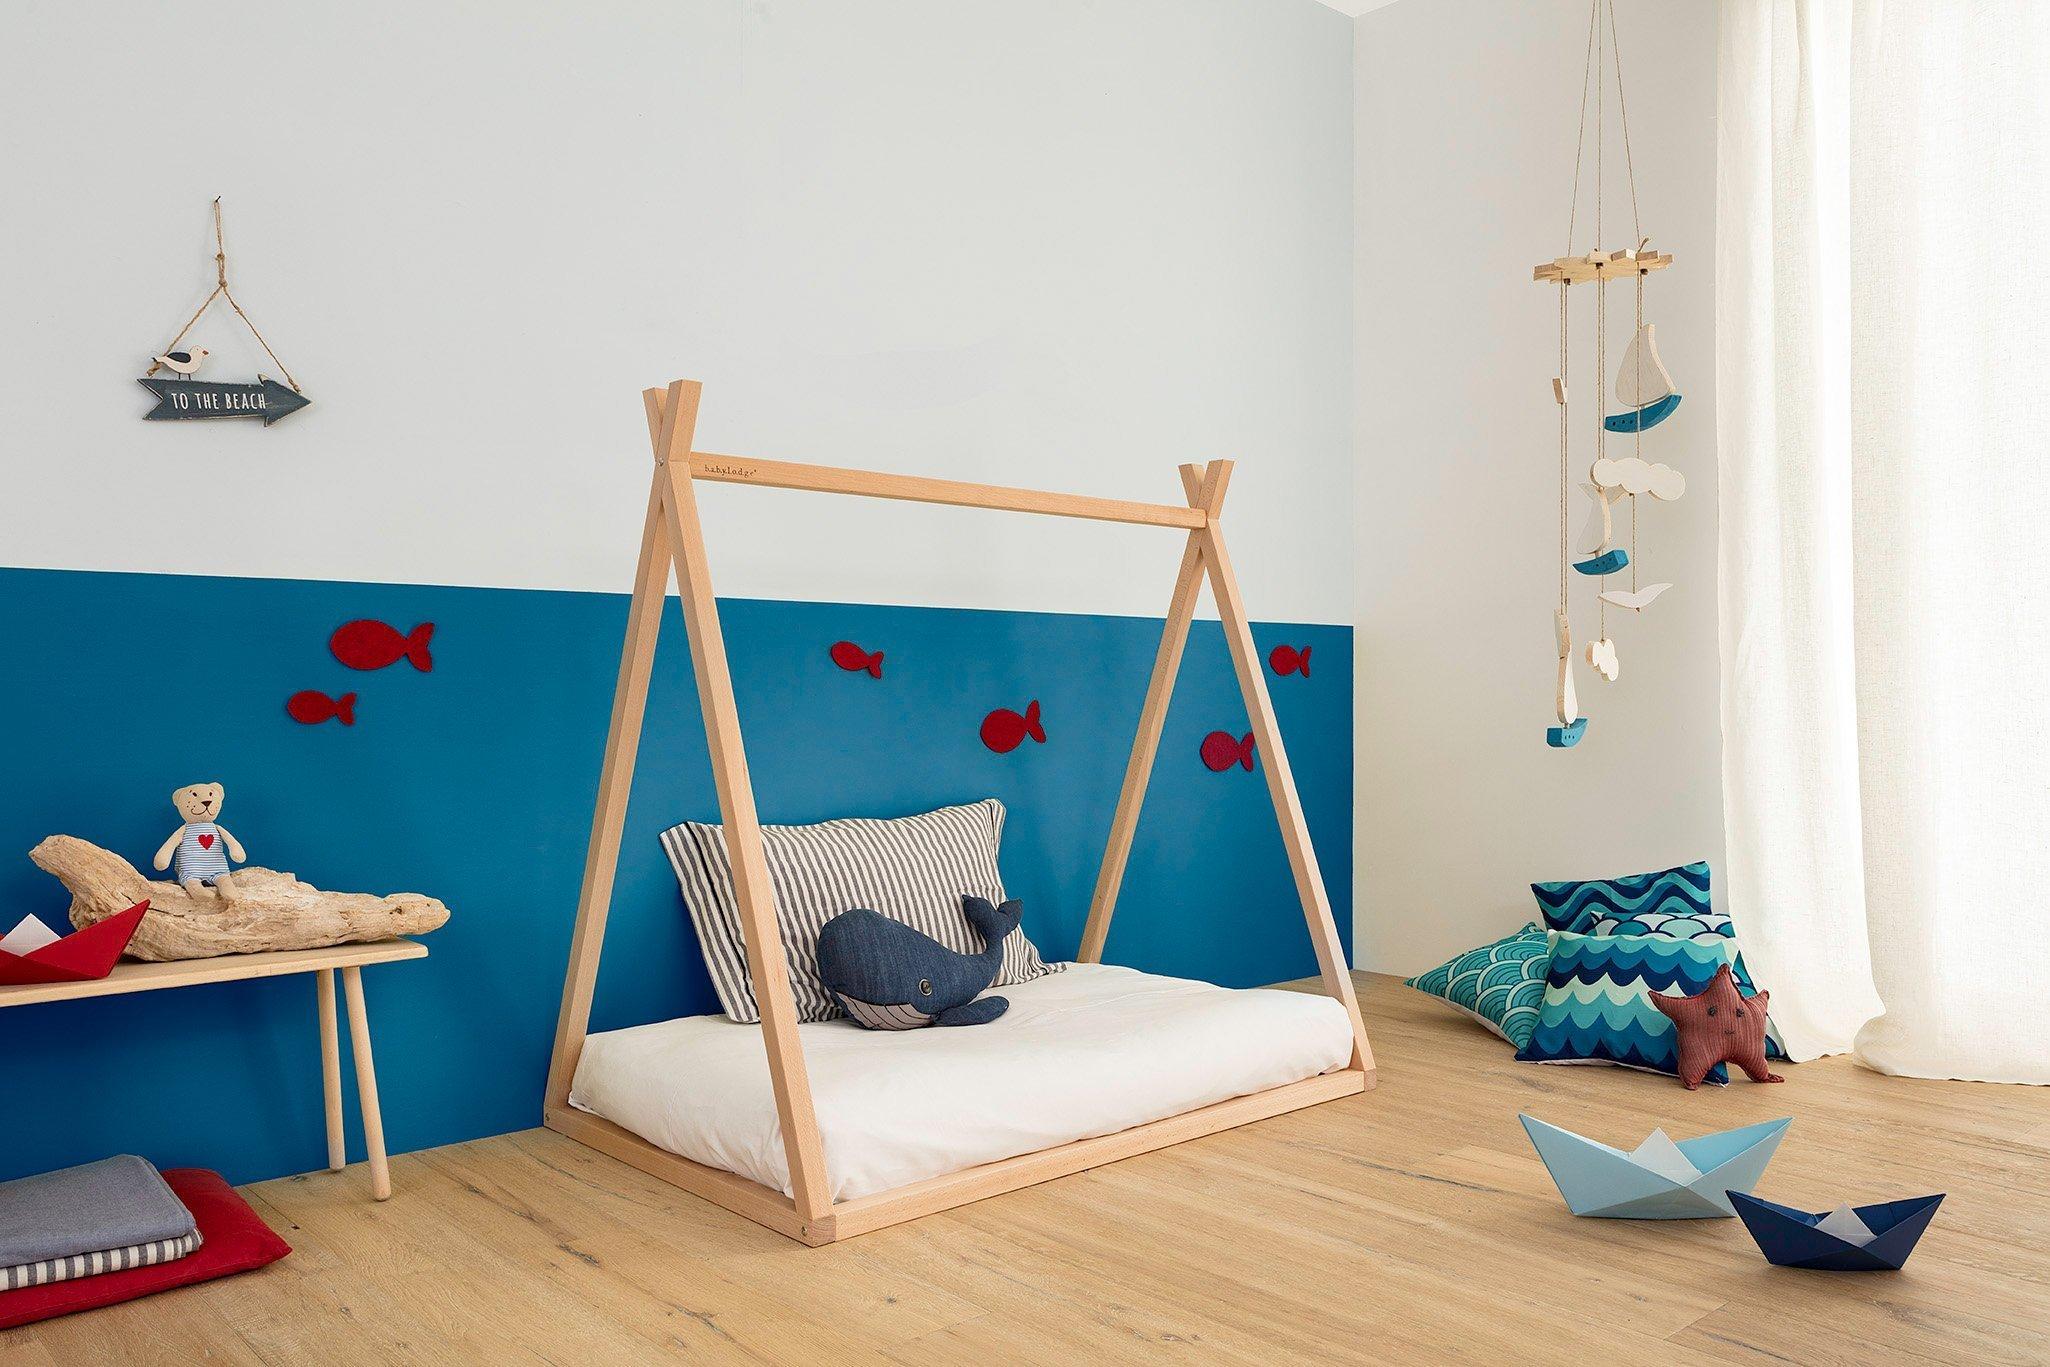 Lettino Montessori a capanna tipi in cameretta allestita a tema mare